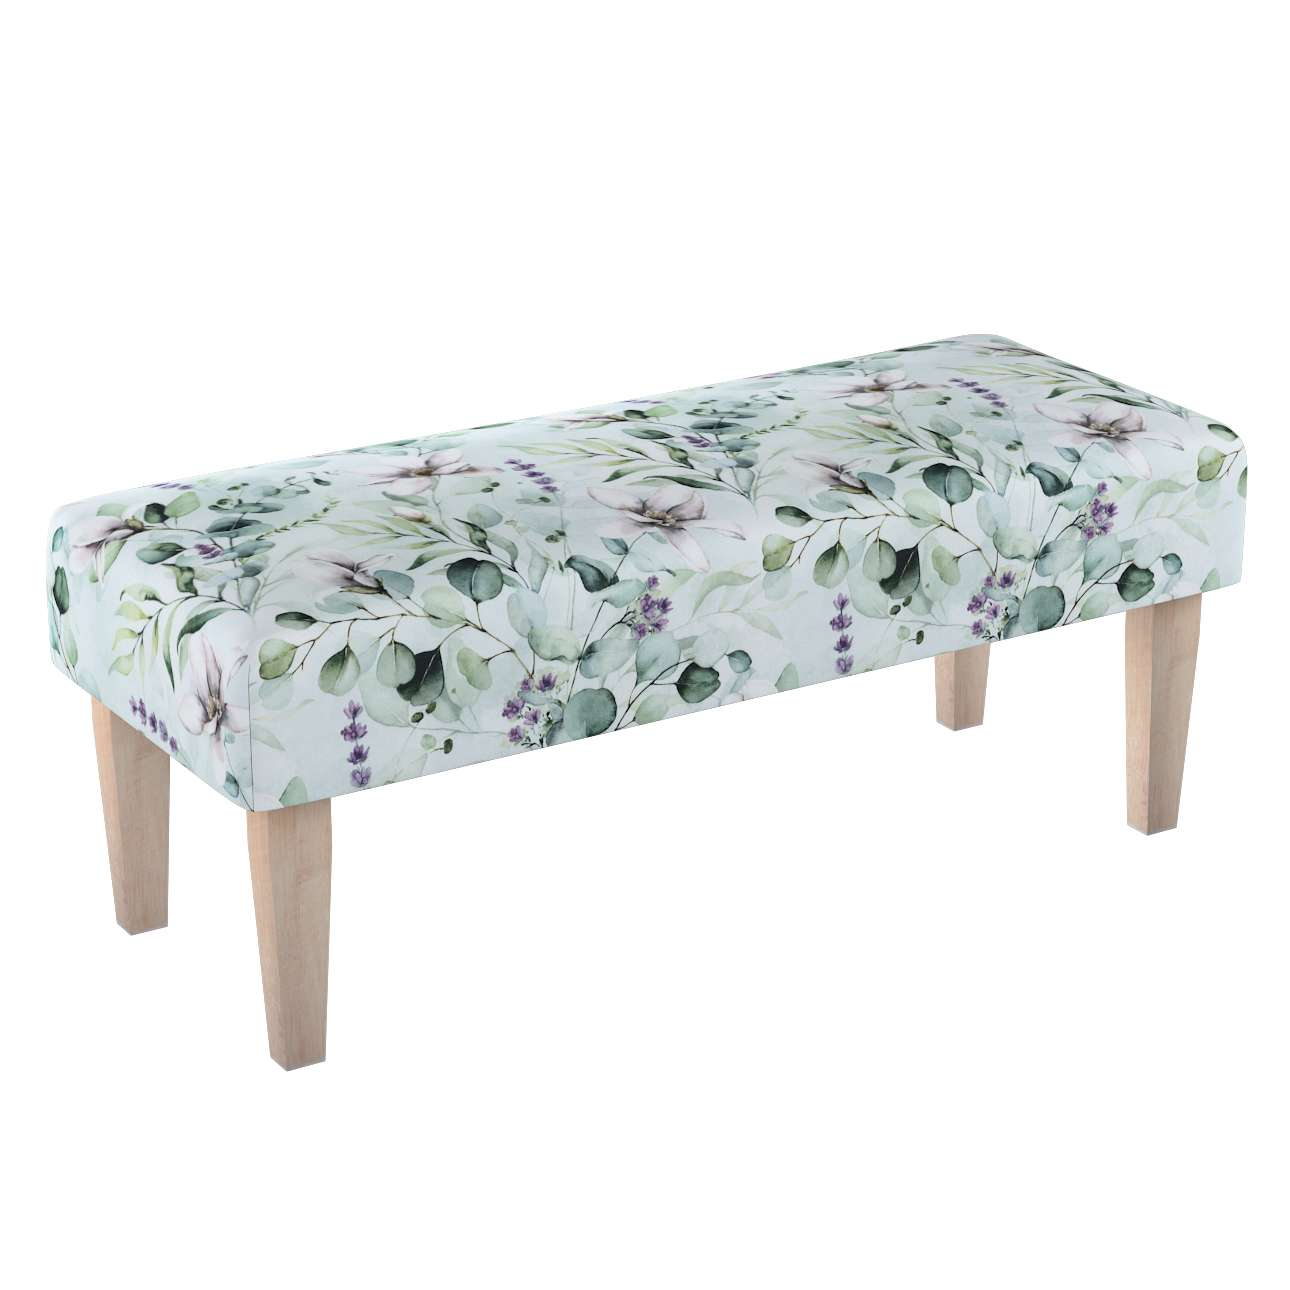 Ławka w kolekcji Flowers, tkanina: 143-66